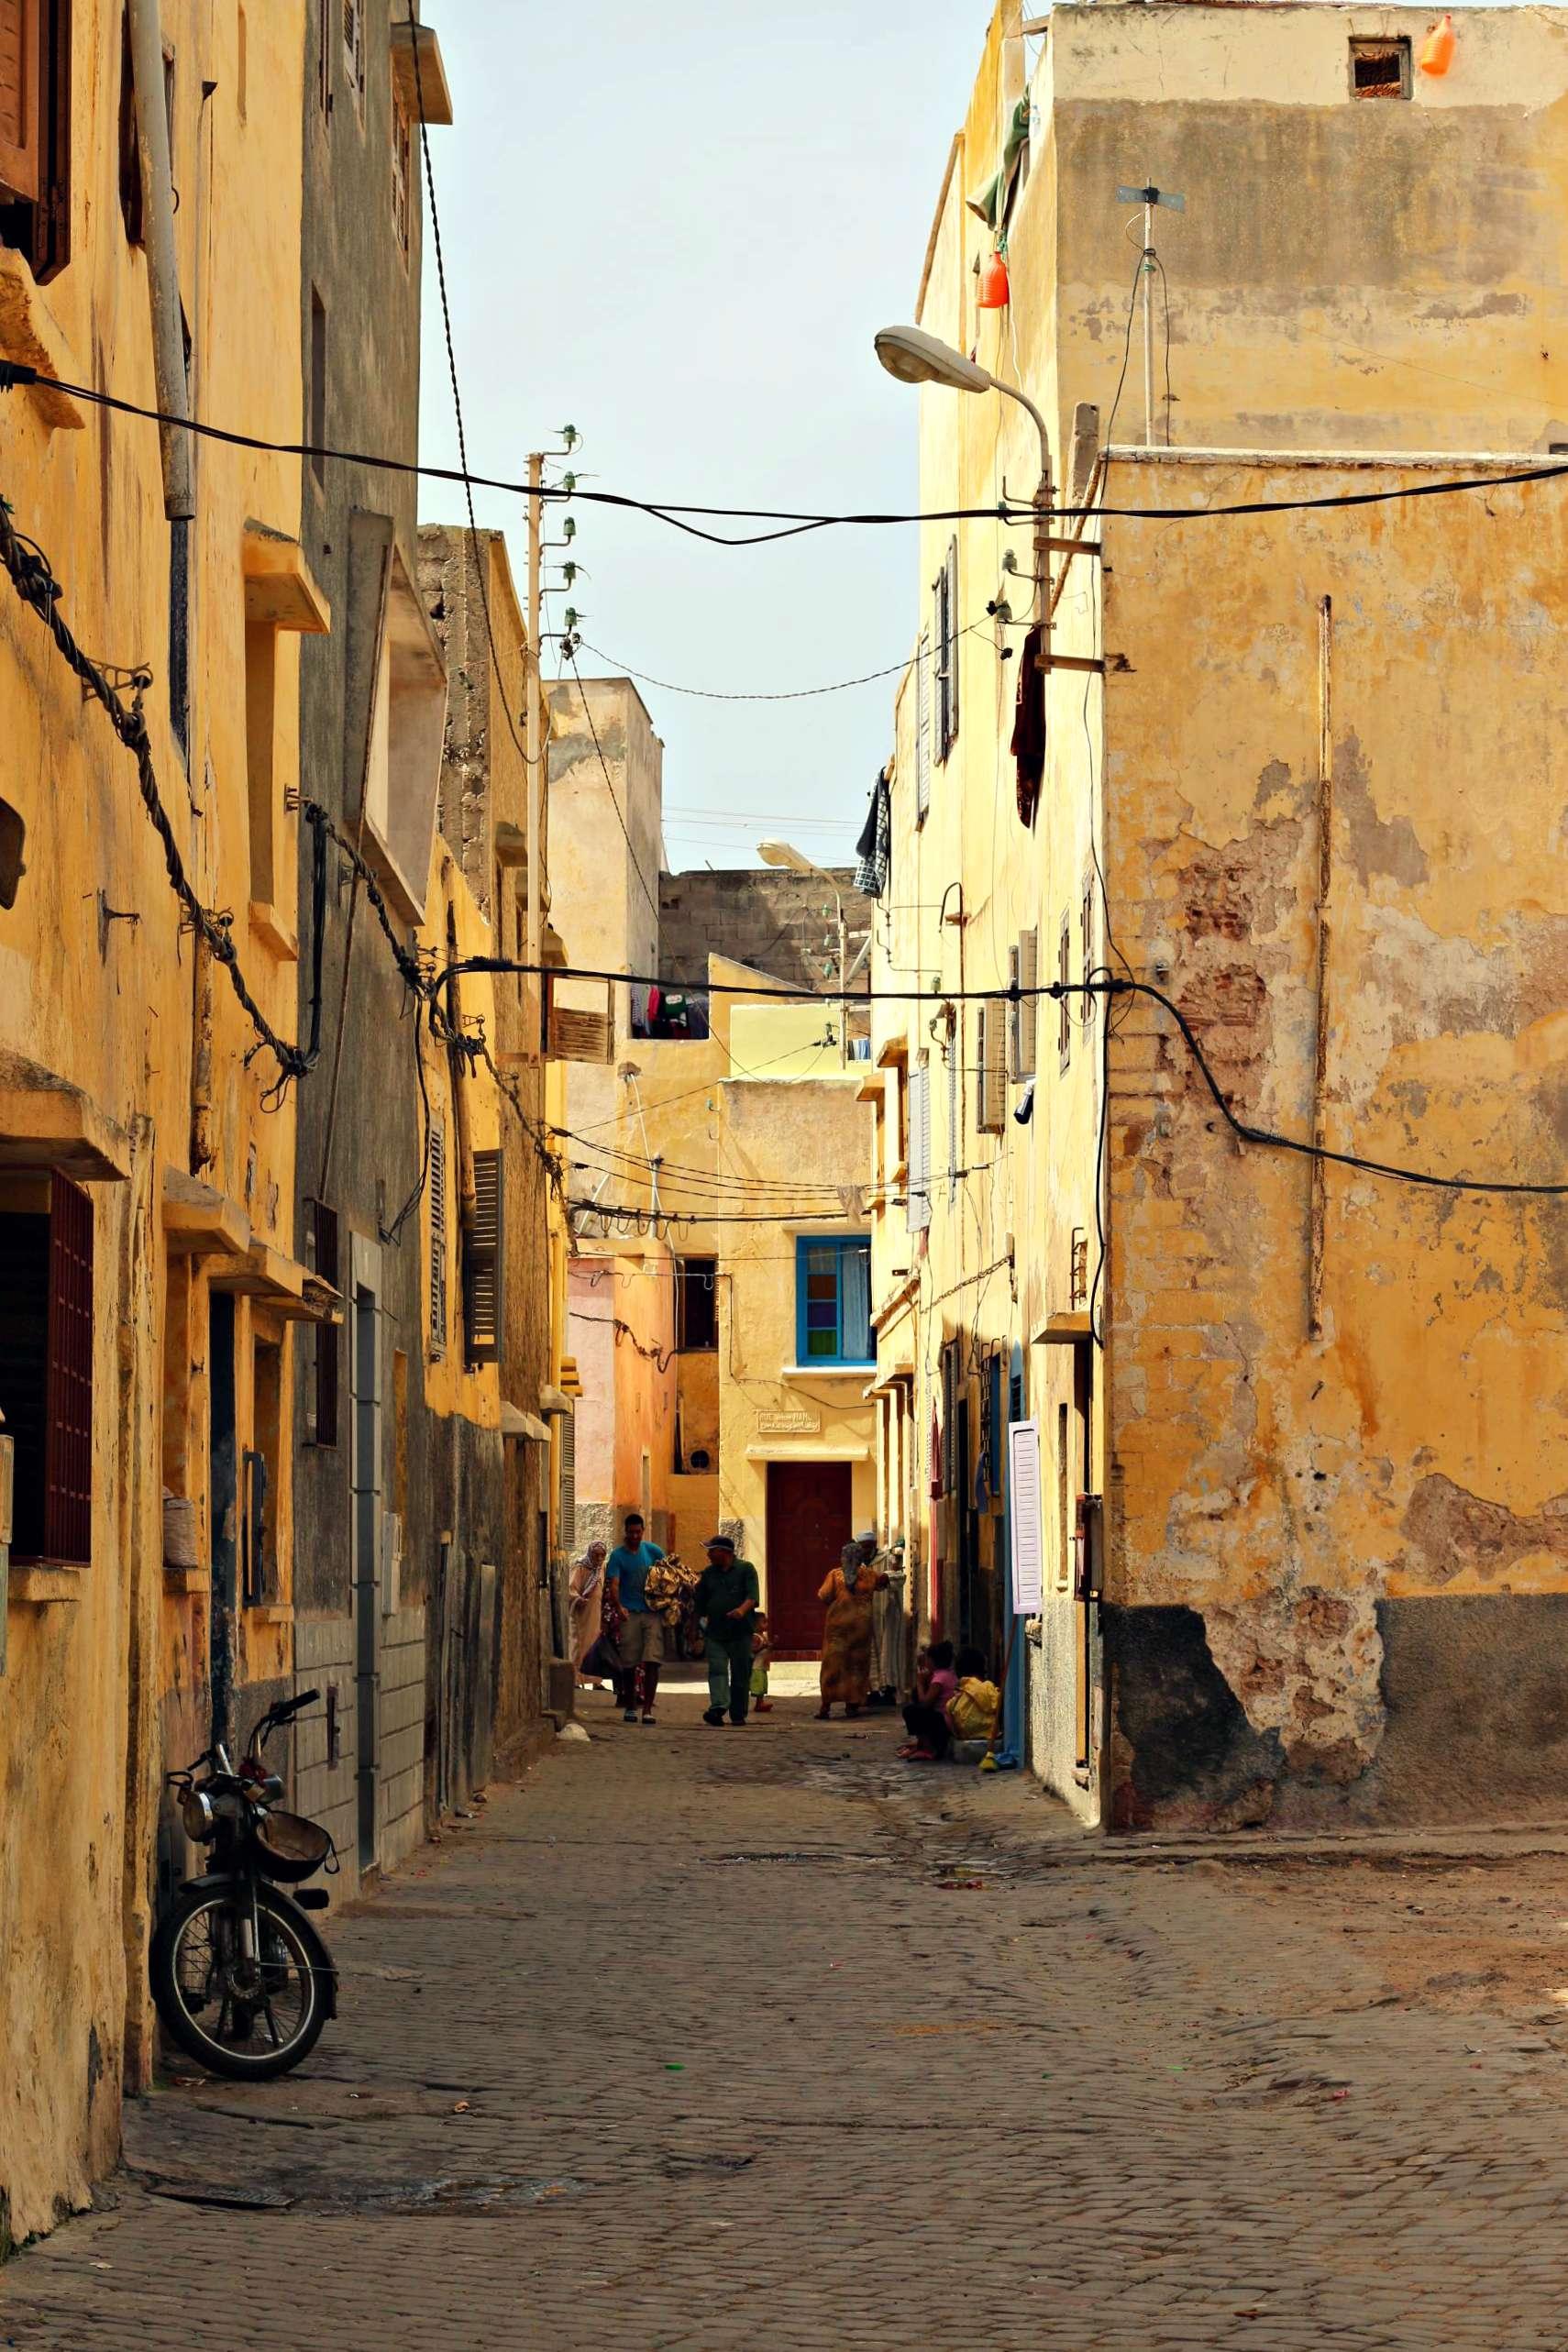 El Jadida portugiesische Medina